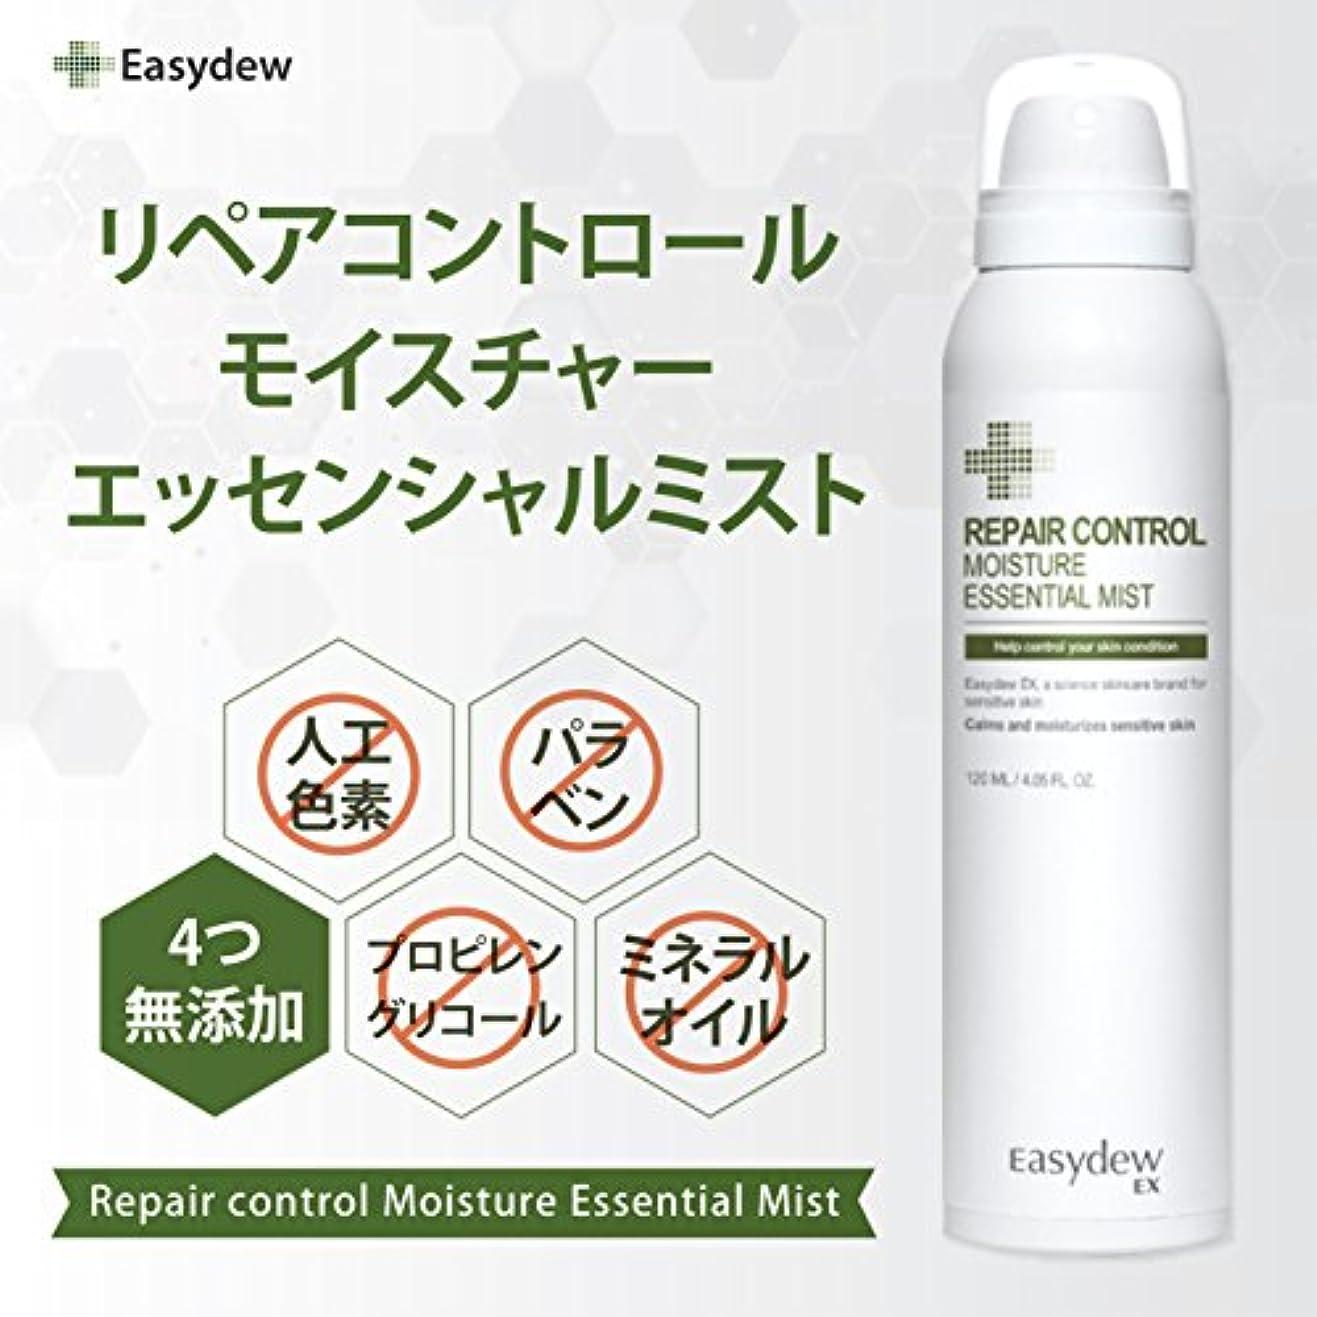 体系的にホイールシチリアEASYDEW EX リペア コントロール モイスチャー エッセンシャル ミスト Repair Control Moisture Essential Mist 120ml